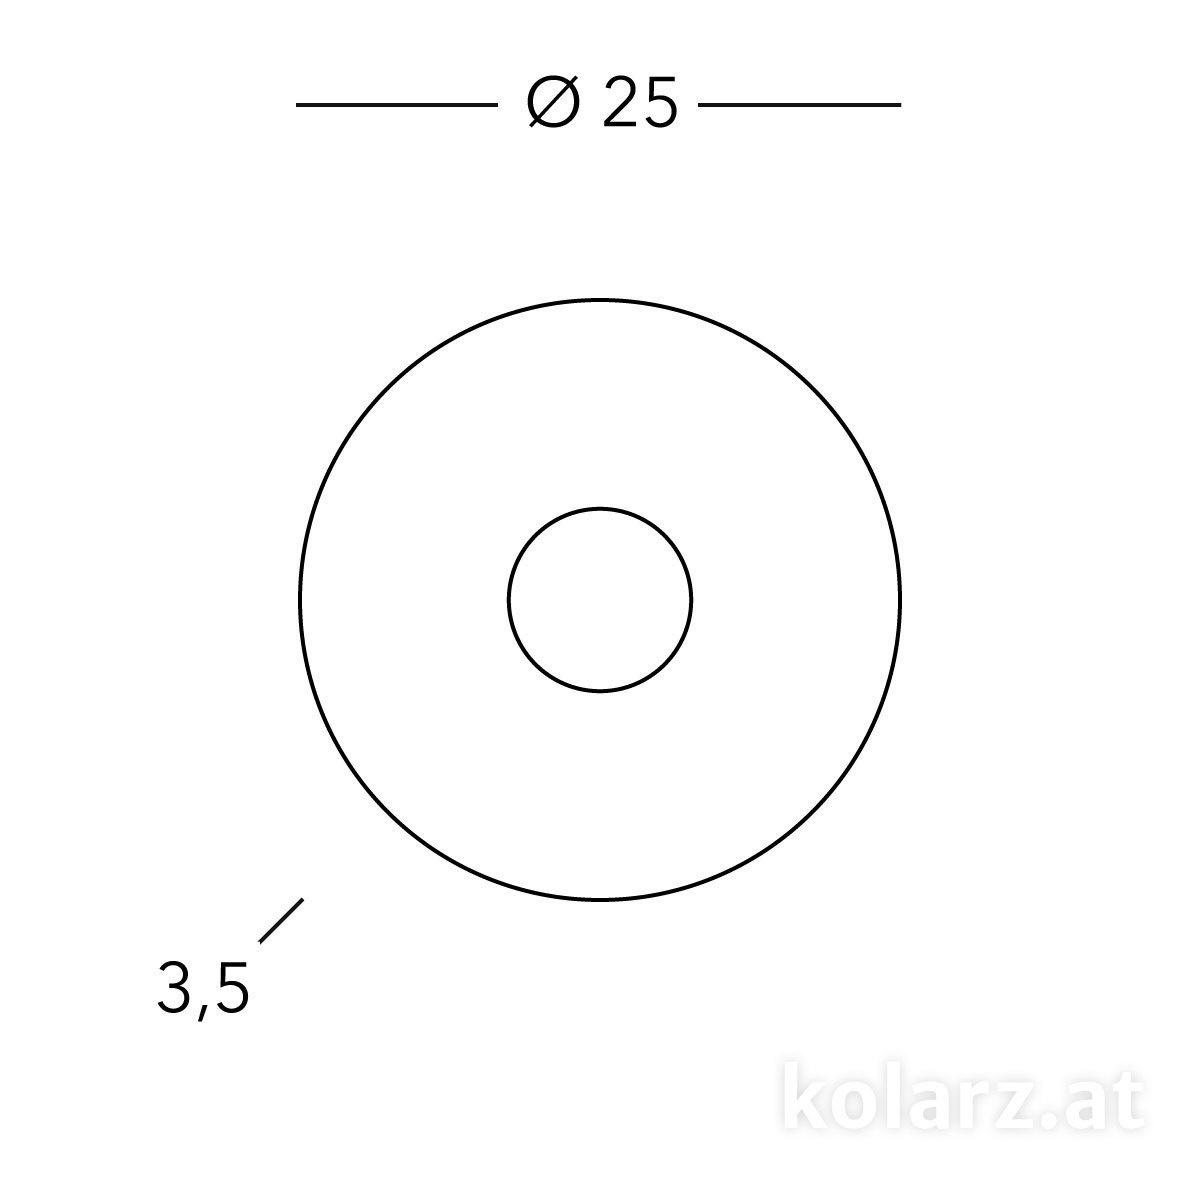 A1336-11-1-SunAg-s1.jpg